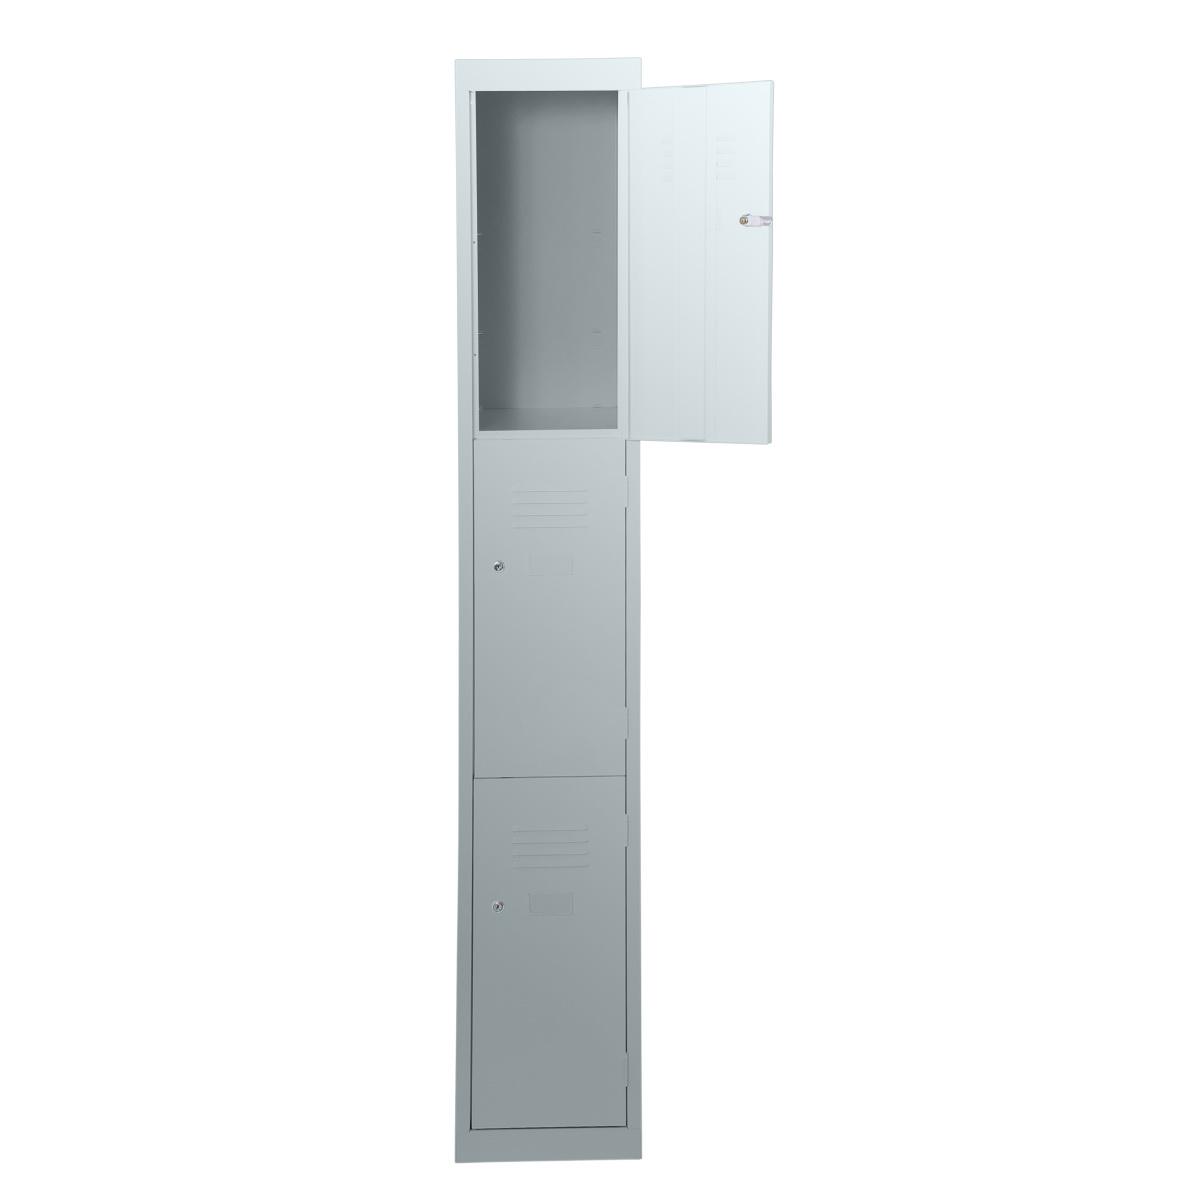 sl3-statewide-3-door-locker-open-light-grey